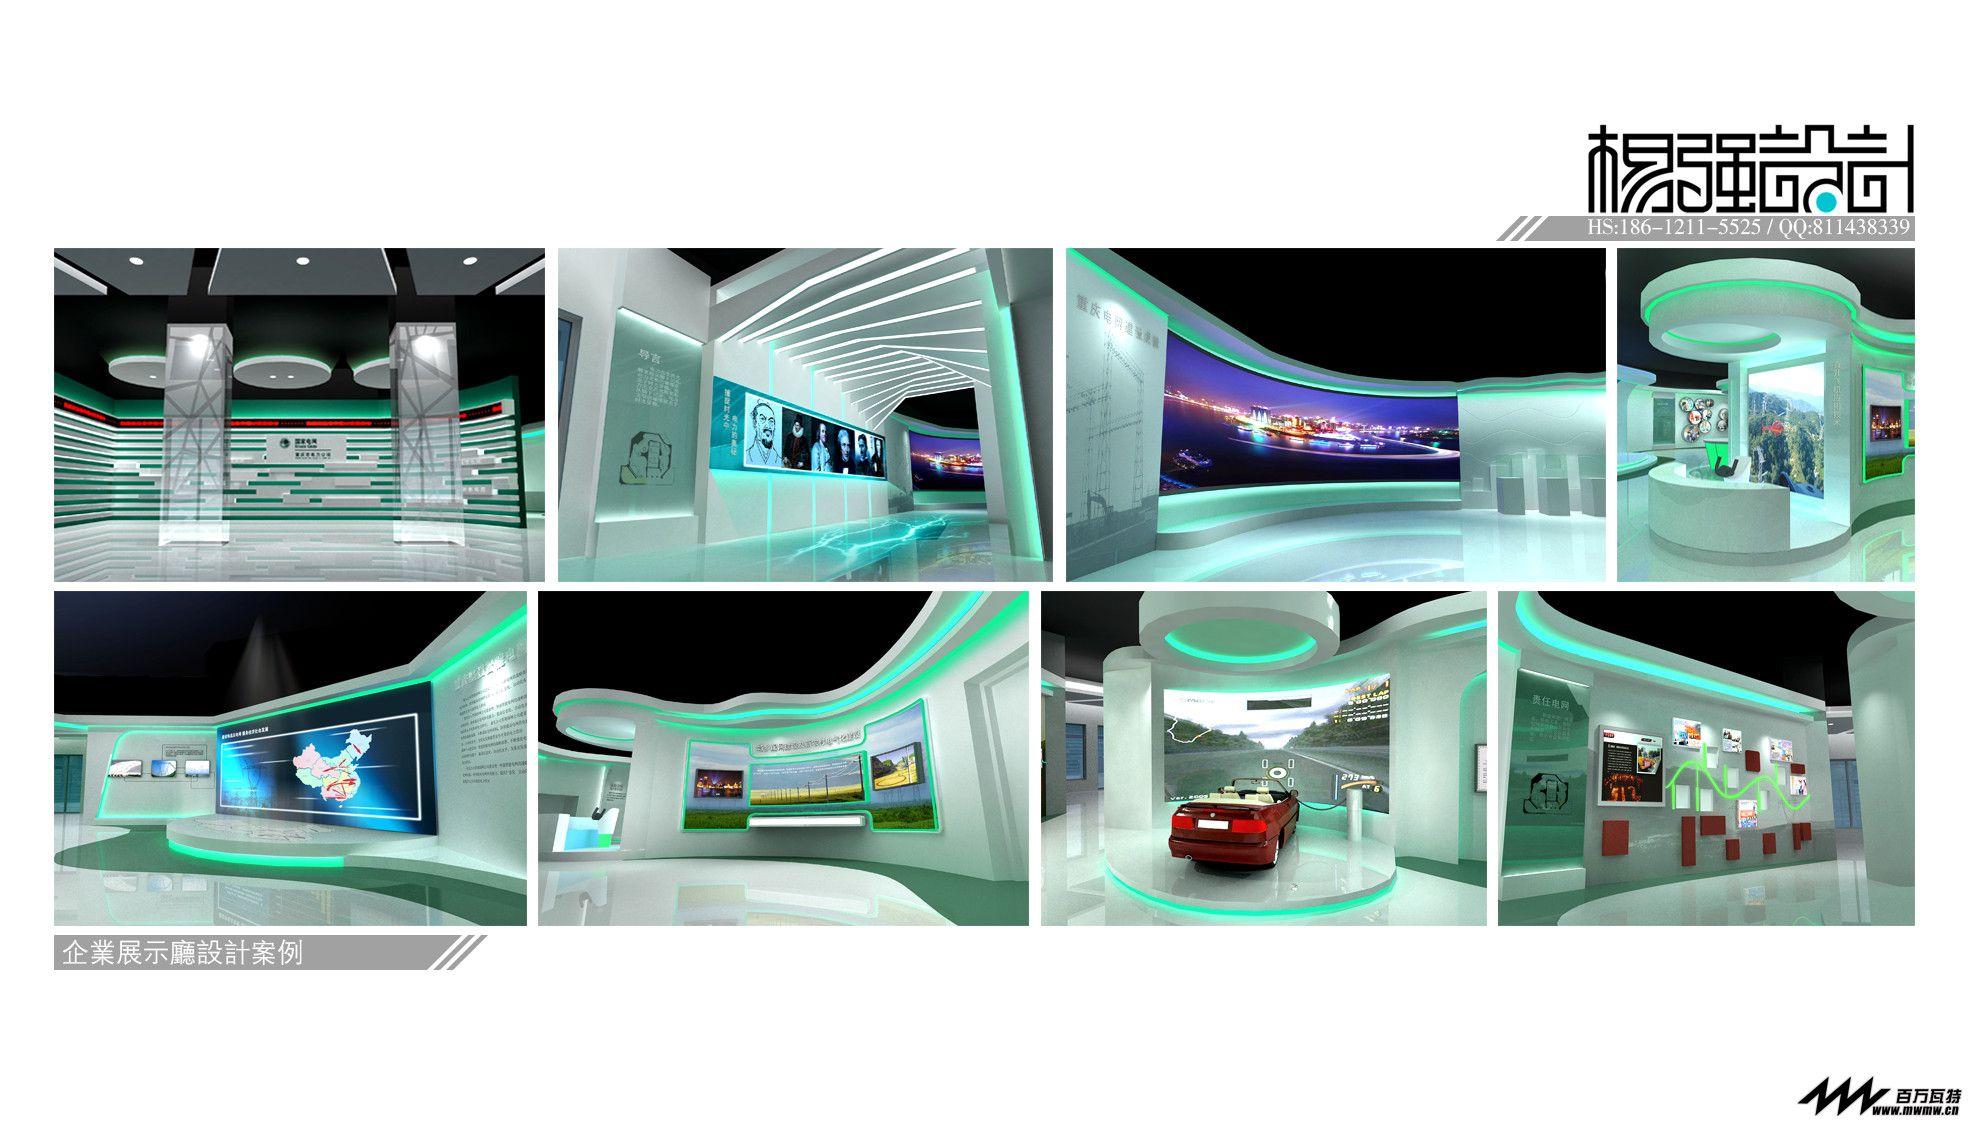 11杨强设计-企业展示厅.jpg